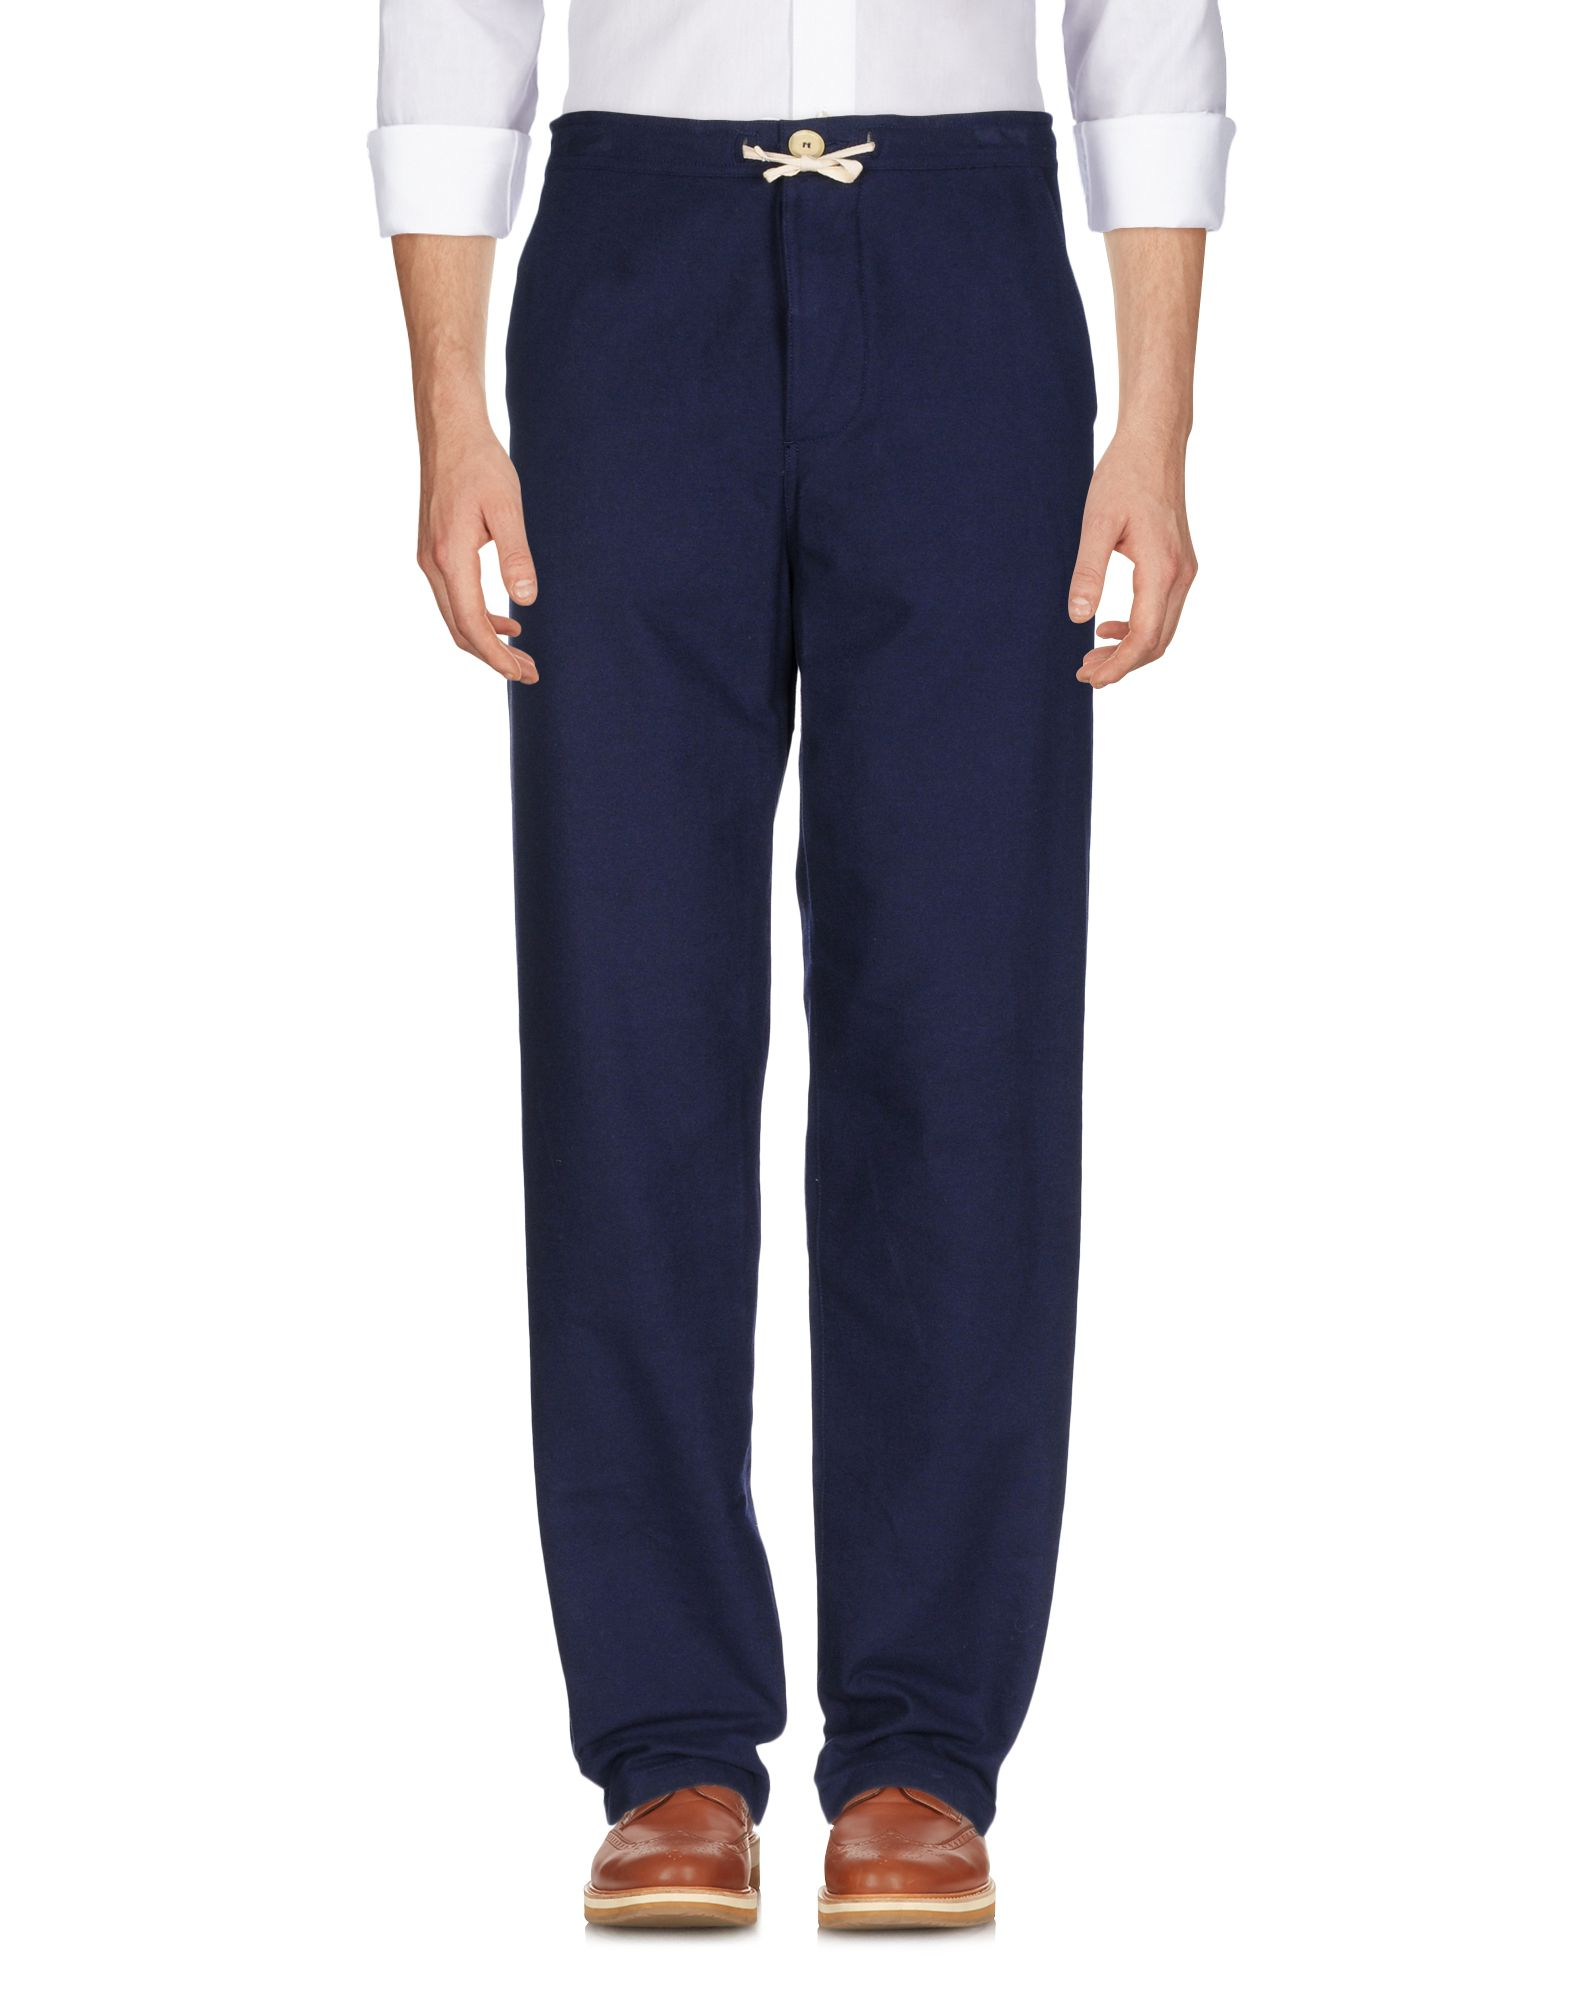 цены на OLIVER SPENCER Повседневные брюки в интернет-магазинах